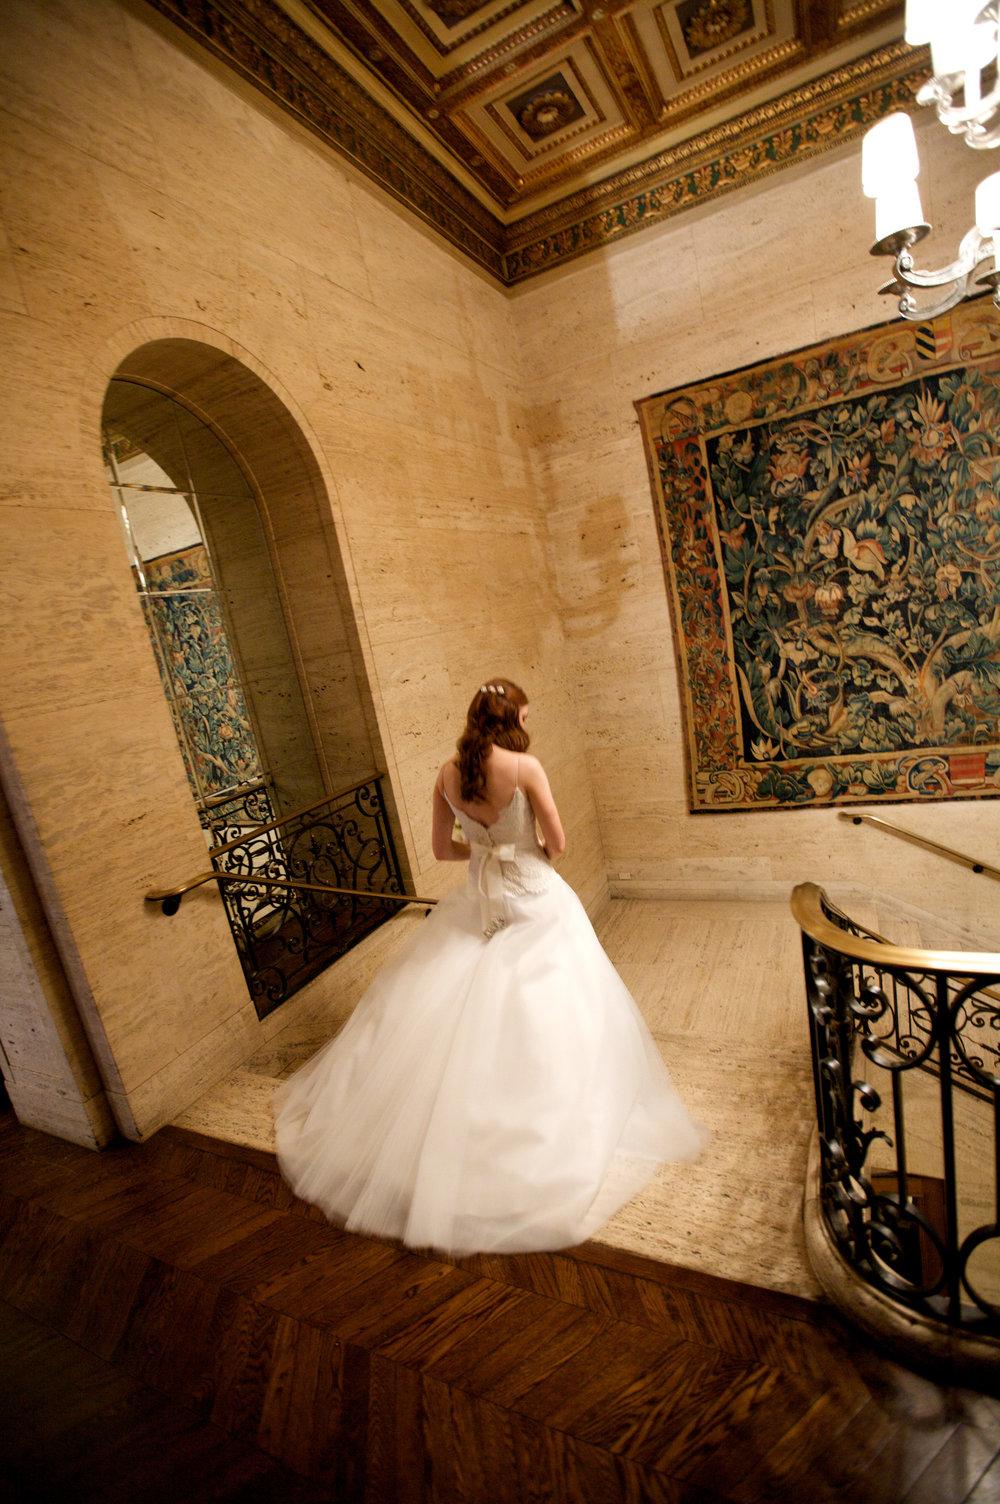 2010.04.10_Mautner-Budin_Wedding, 2010.04.10_Mautner-Budin_Weddi